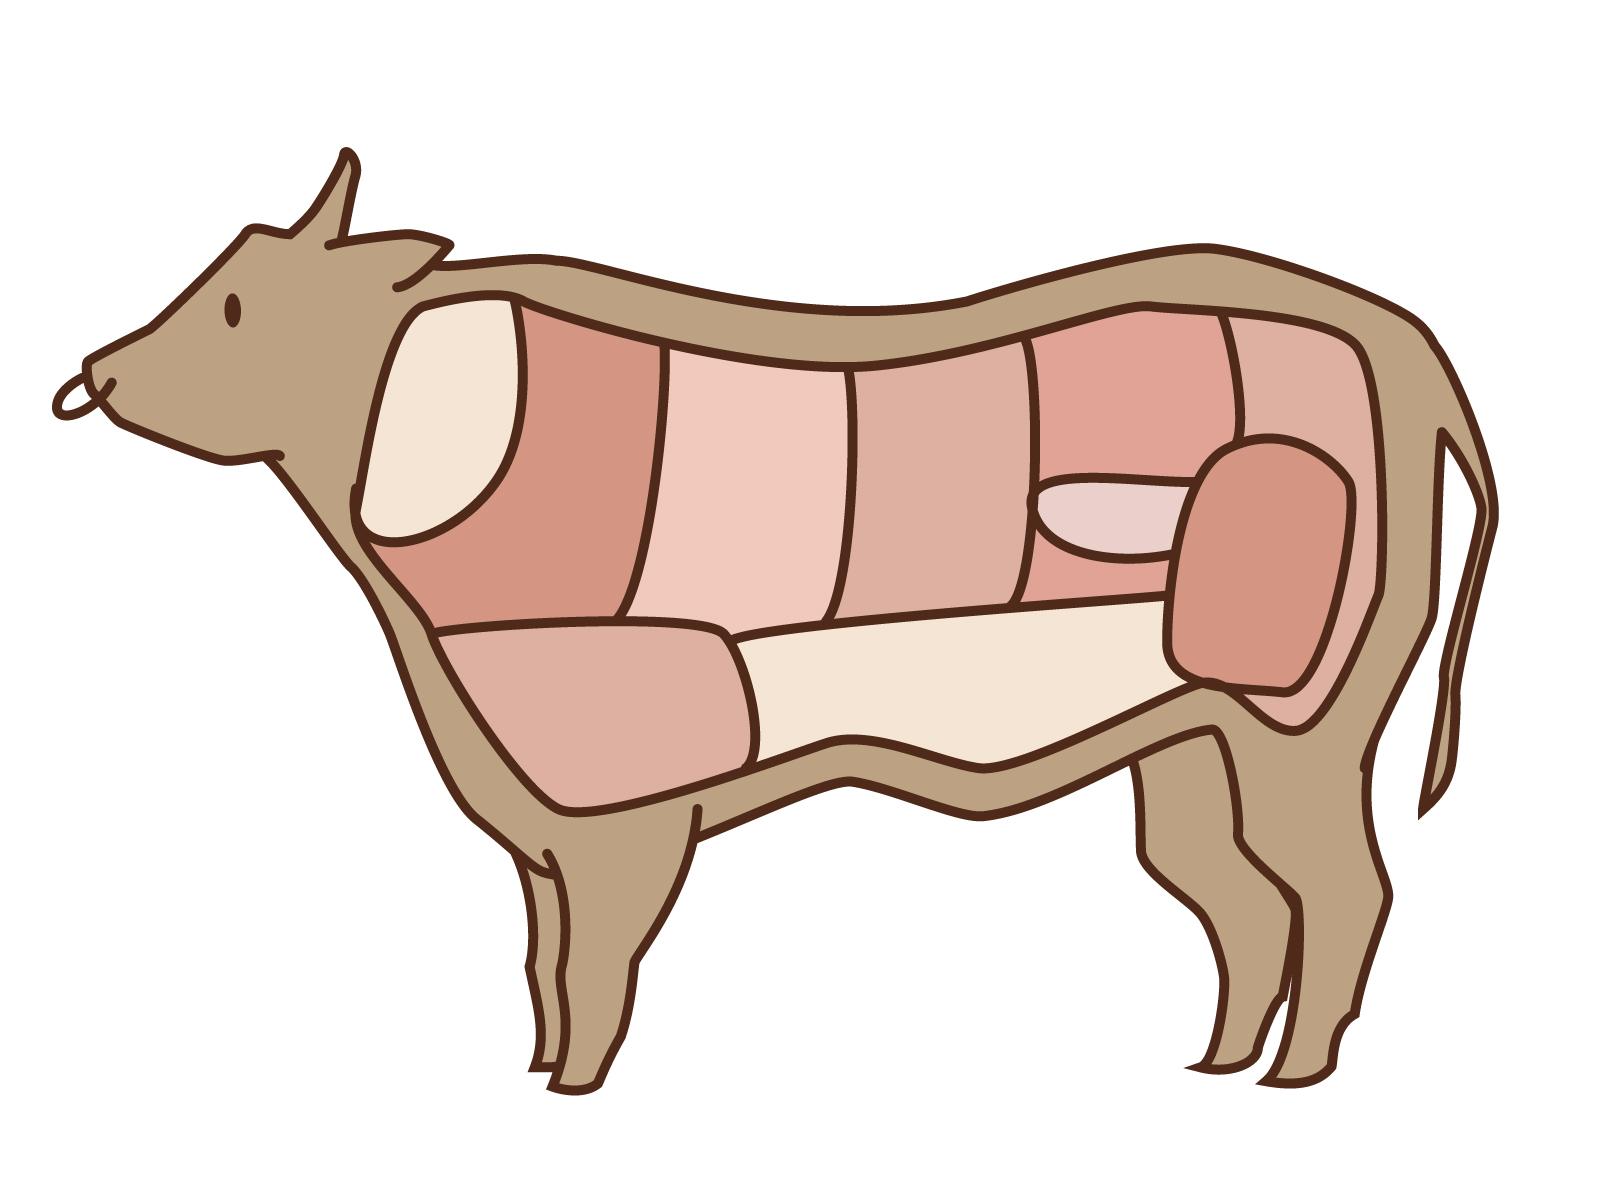 アメリカ牛肉は危険!肉質が柔らかい理由とは